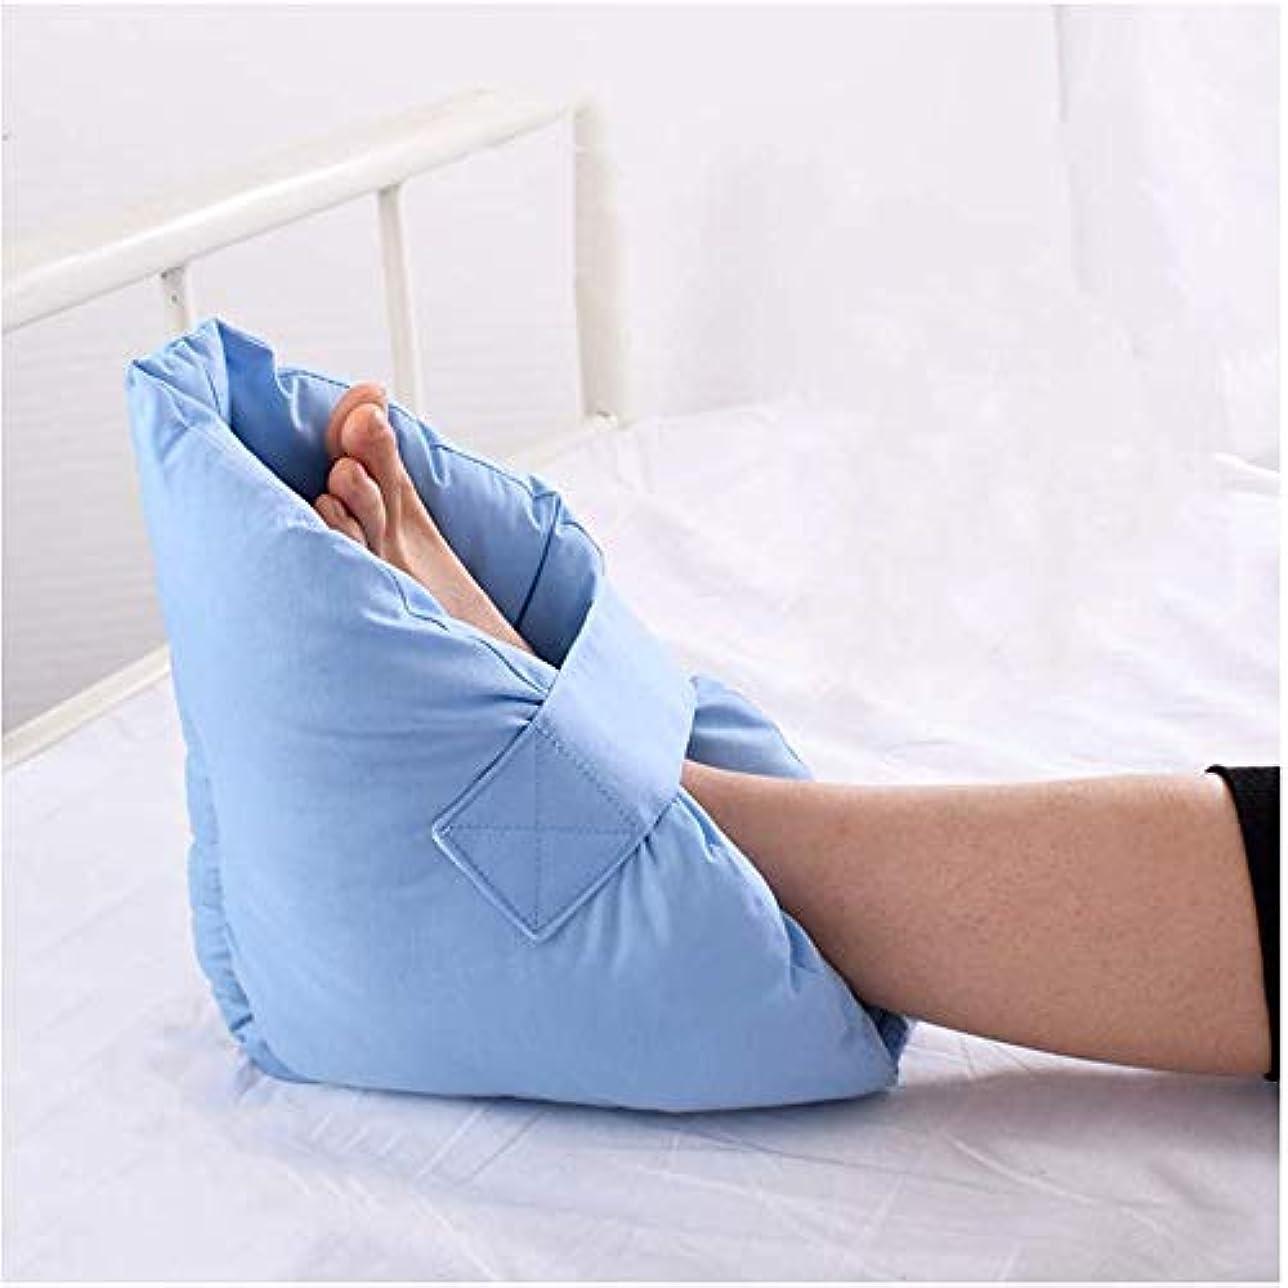 郡現代のどこヒールクッションプロテクター2個褥瘡を保護します足首サポート 暖かい洗える